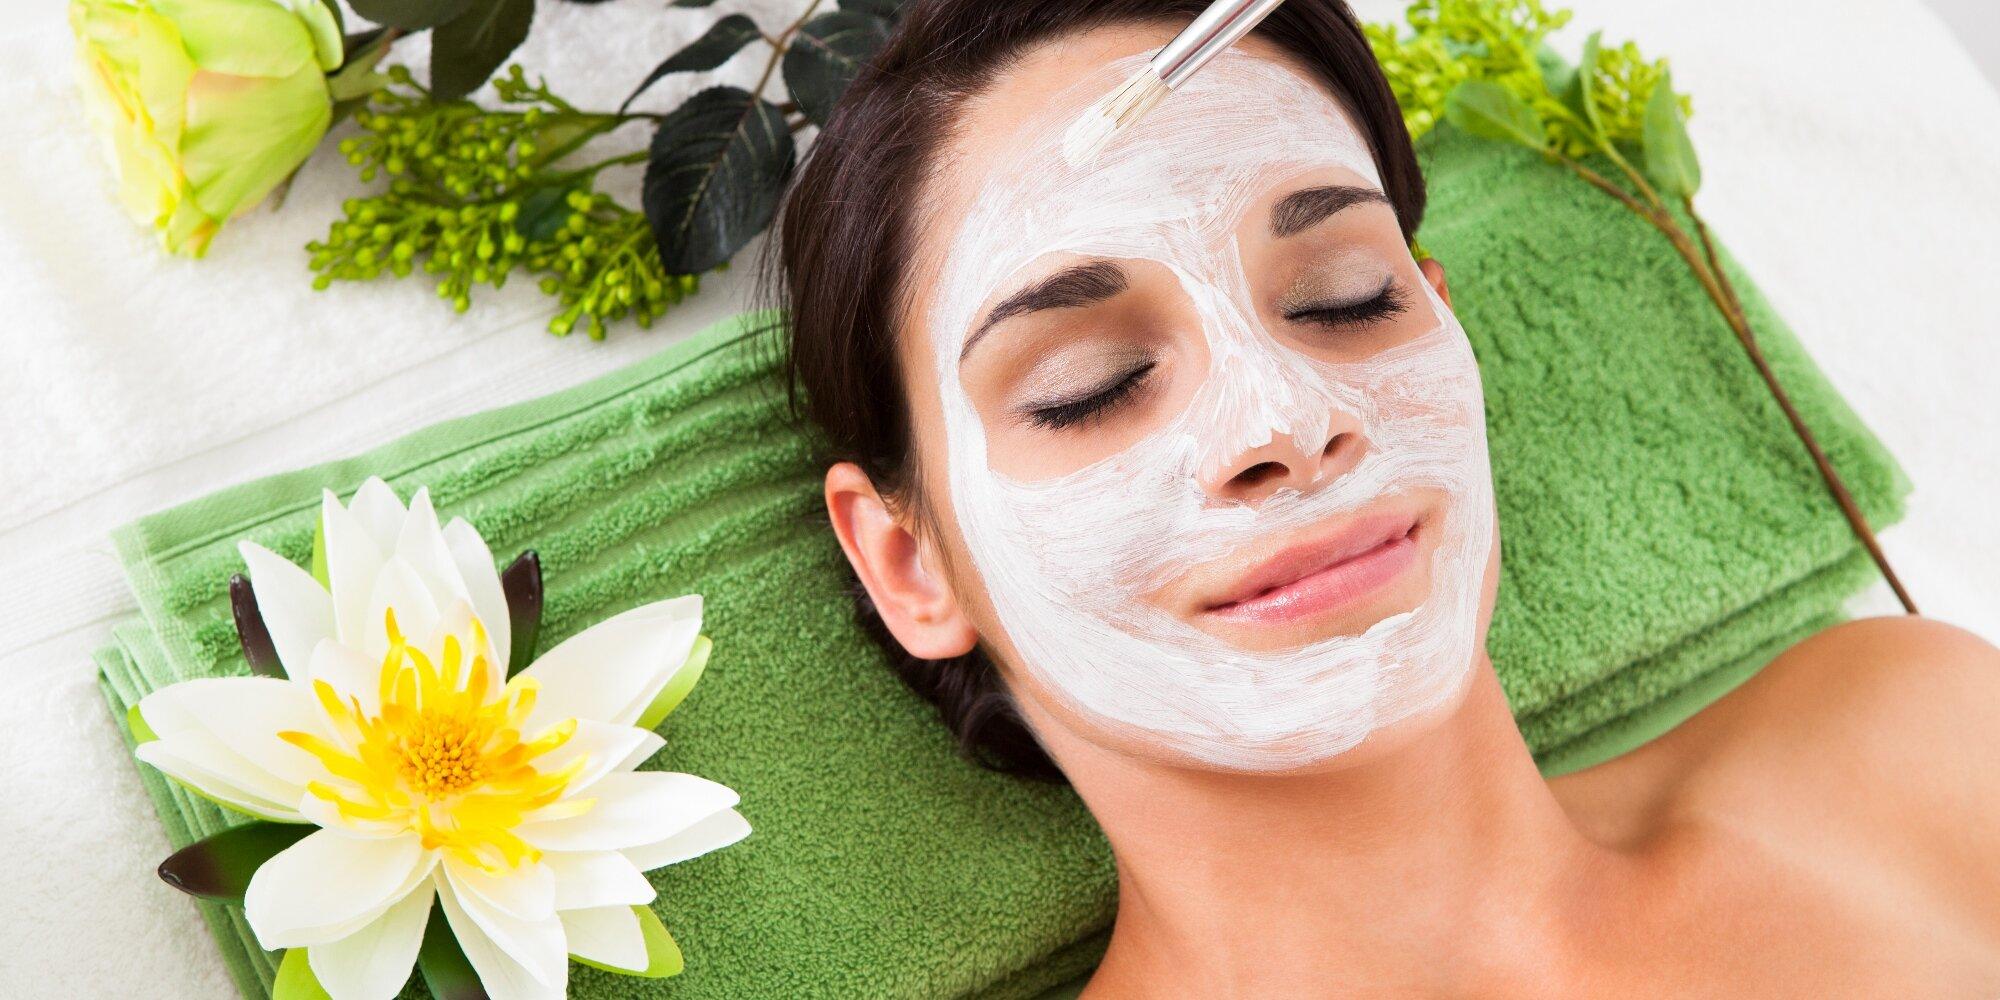 Маски для кожи лица увлажняющие и питательные в домашних условиях